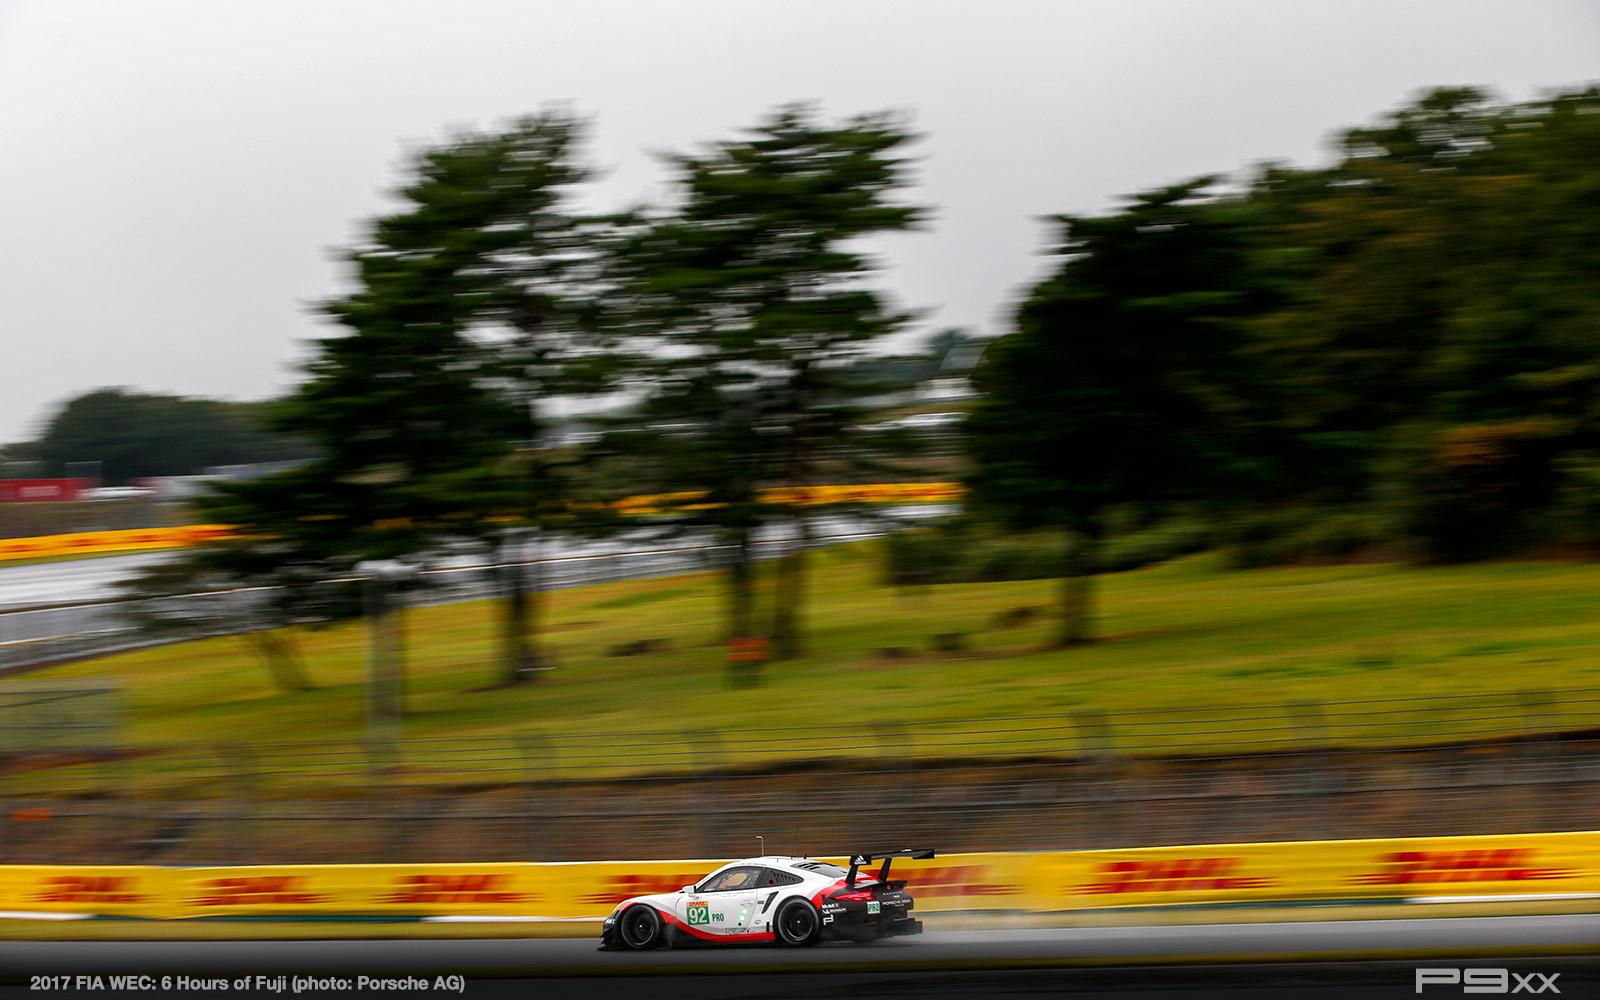 2017-FIA-WEC-6h-of-Fuji-Porsche-389